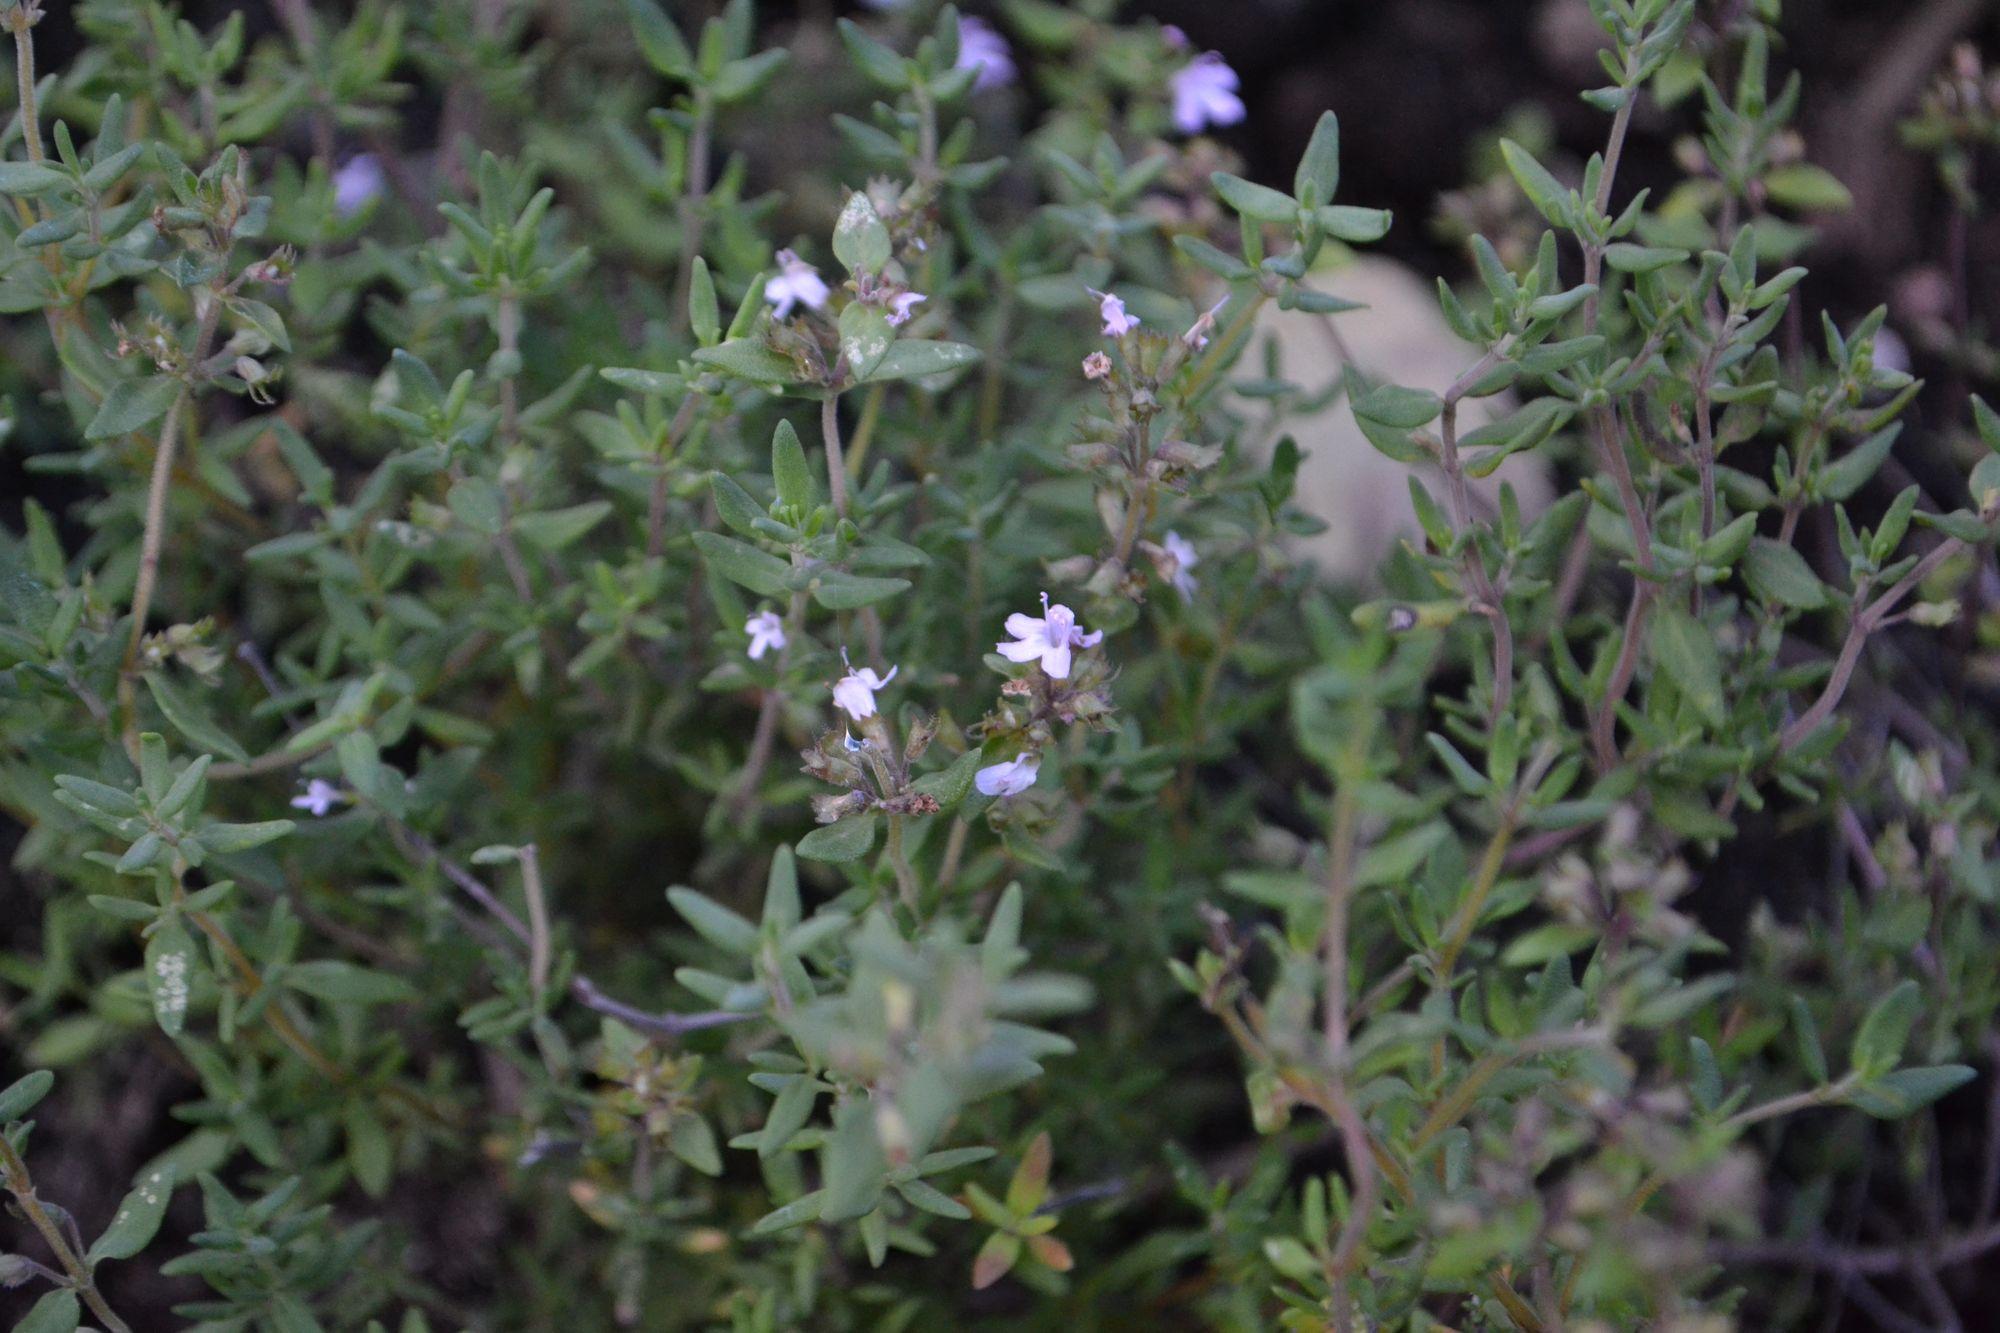 Vaistinis čiobrelis (Thymus vulgaris)